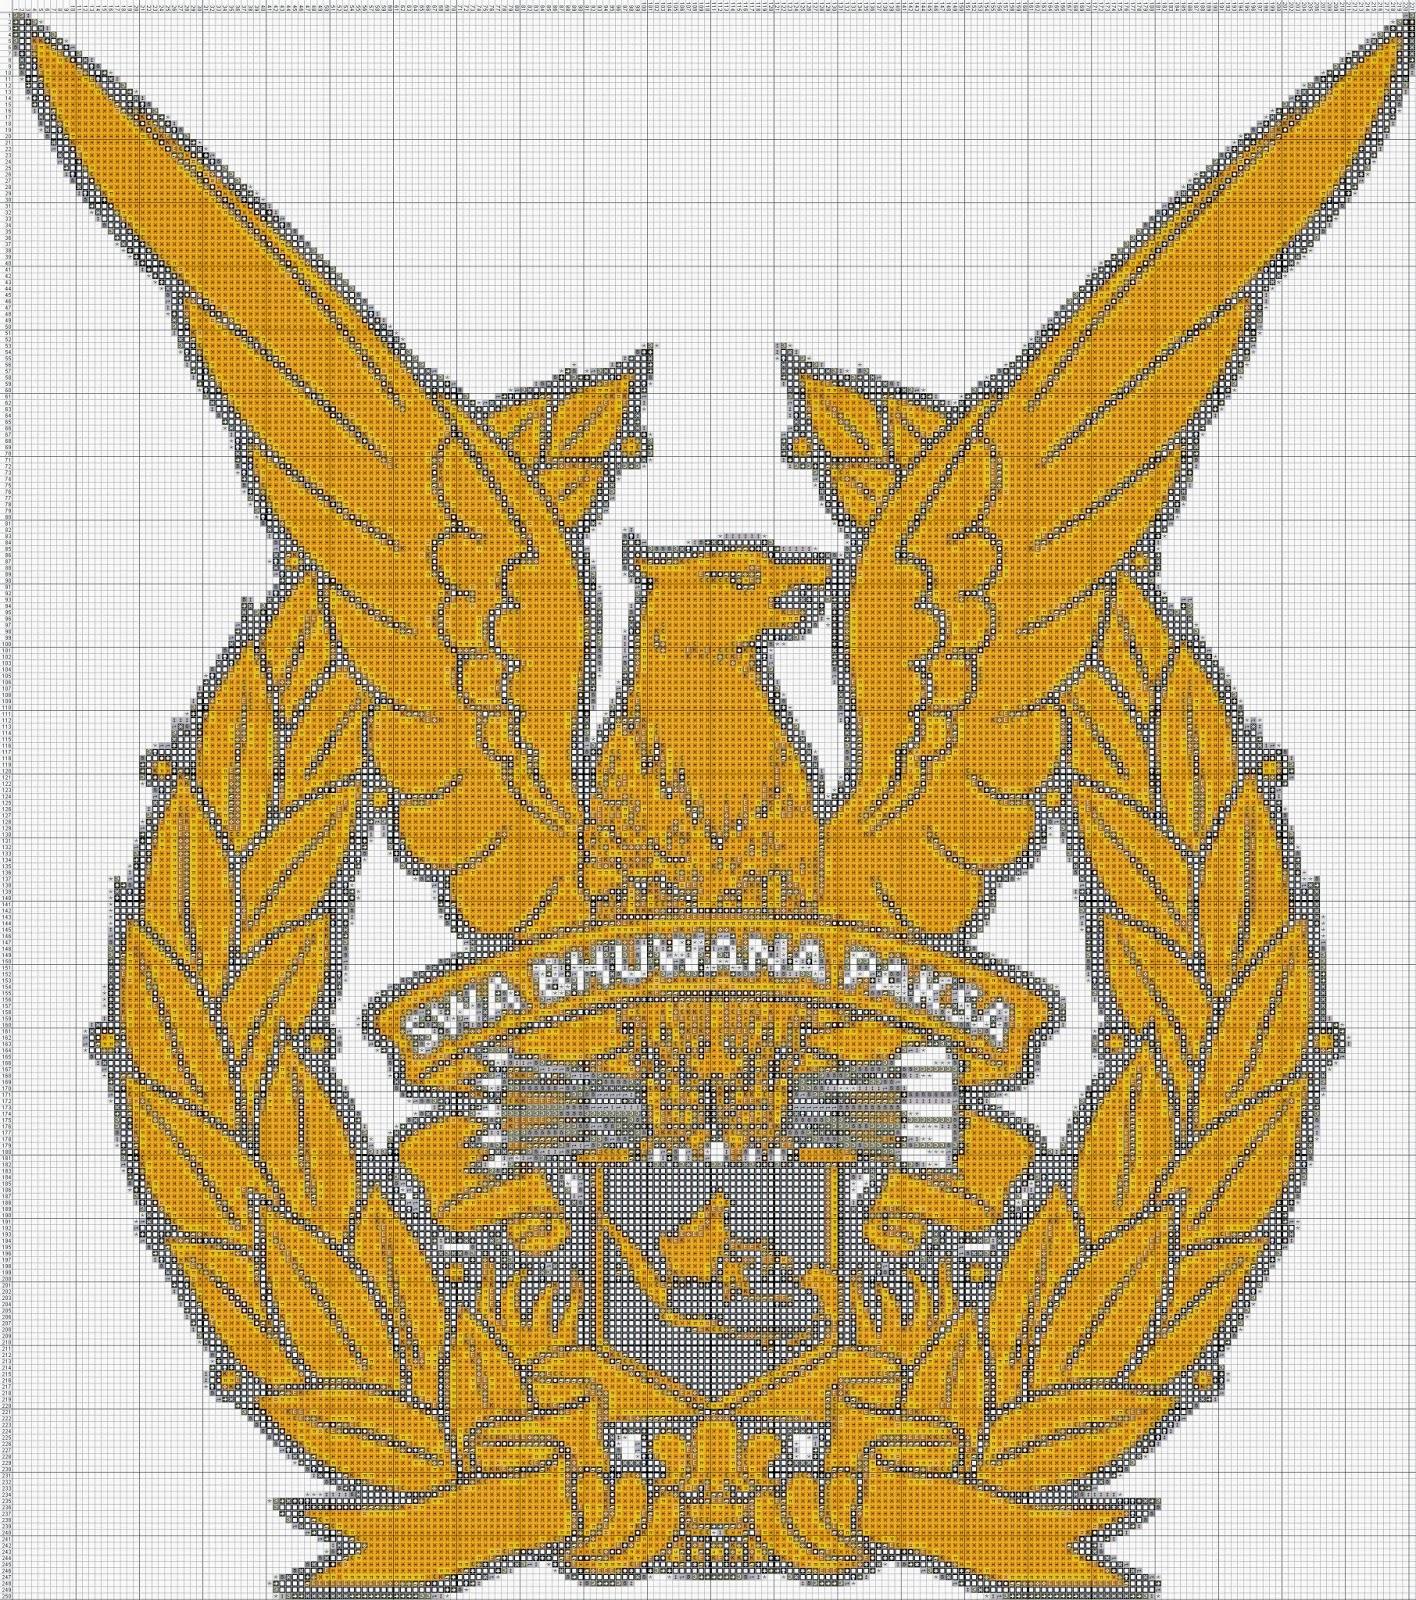 Gambar Pola Kristik Lambang TNI-AU